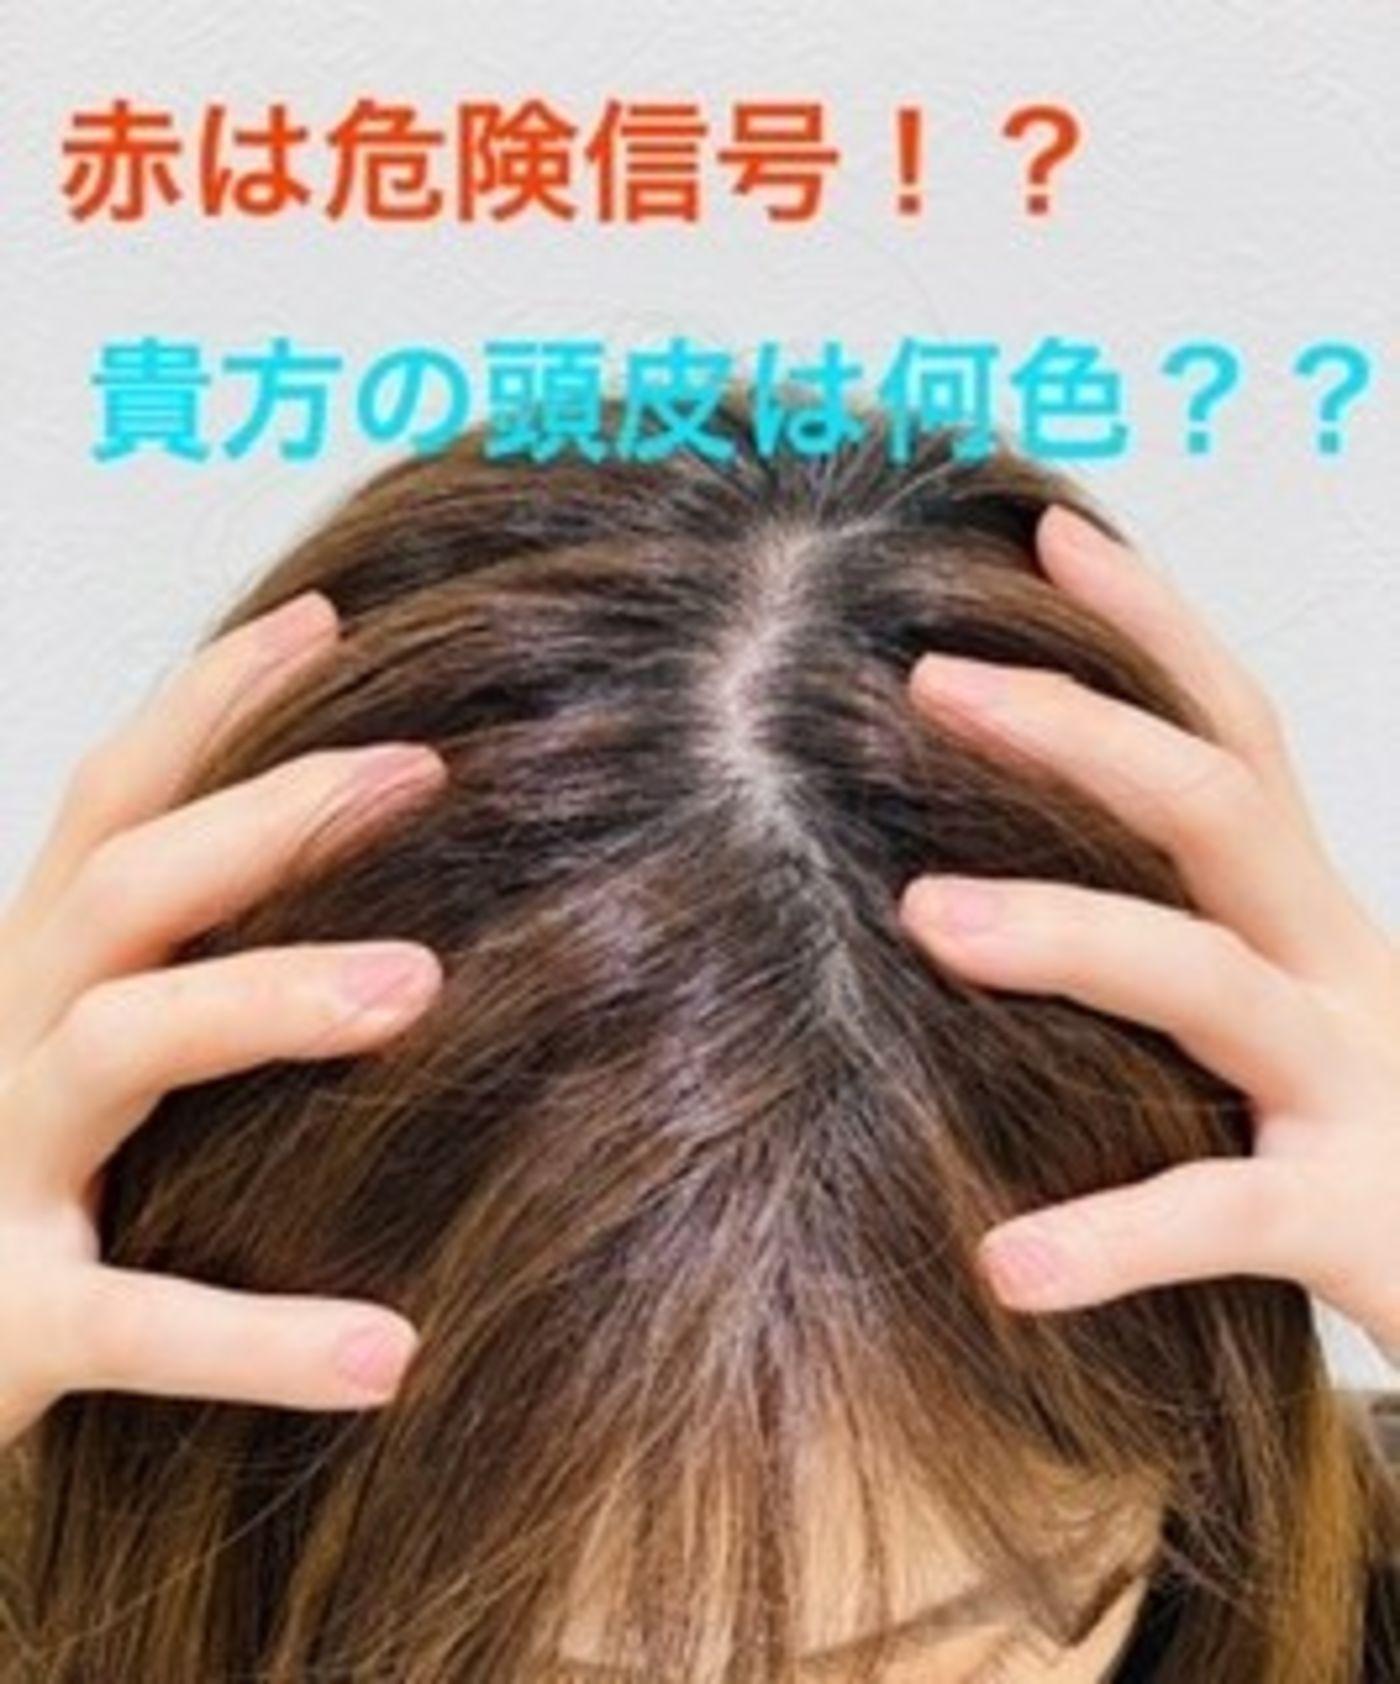 頭皮の色別危険信号